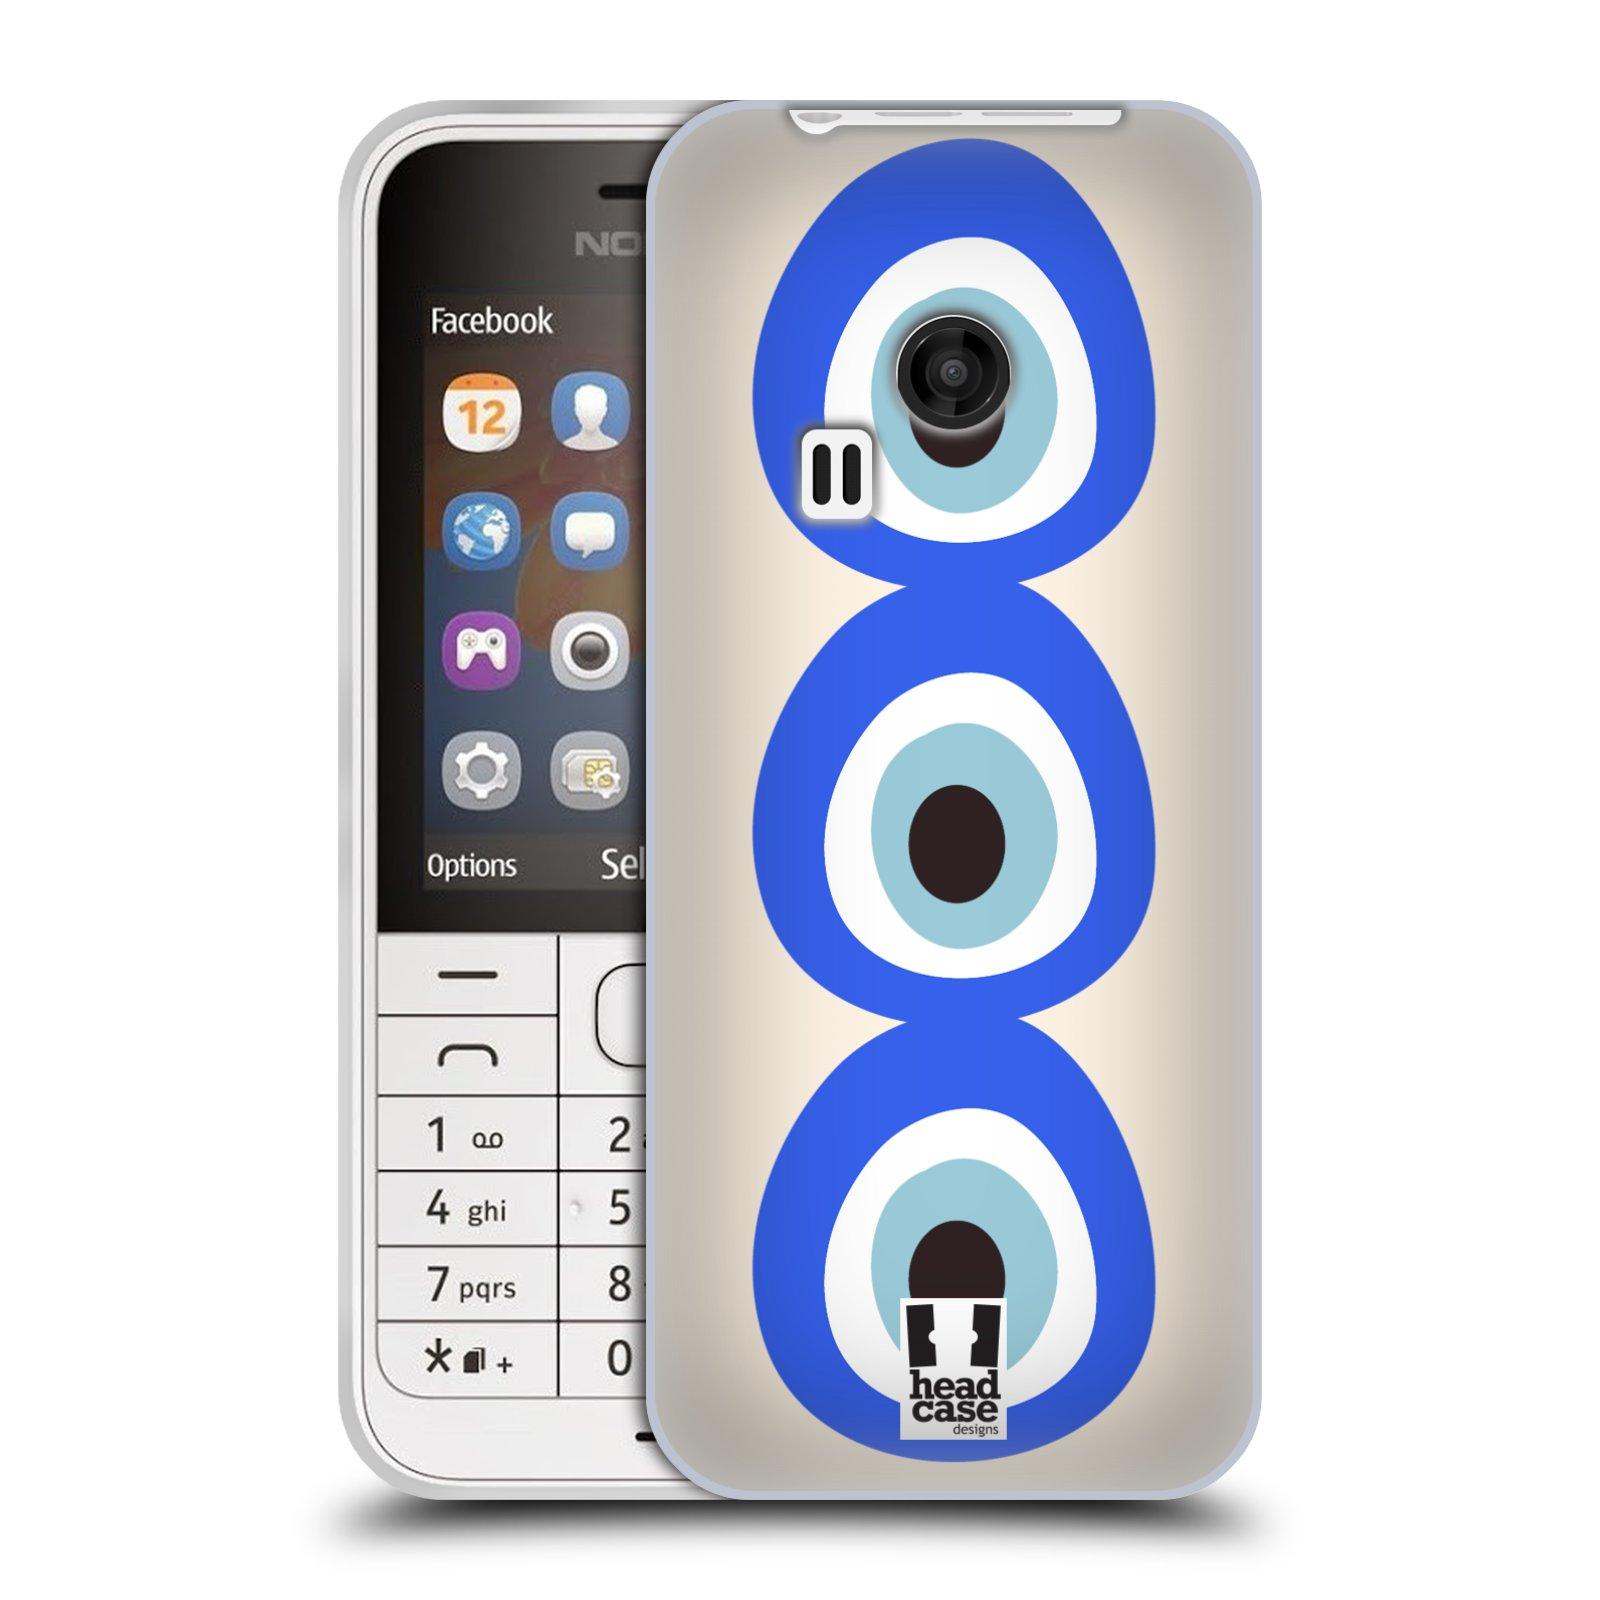 HEAD CASE silikonový obal na mobil NOKIA 220 / NOKIA 220 DUAL SIM vzor Paví oko 3 očka